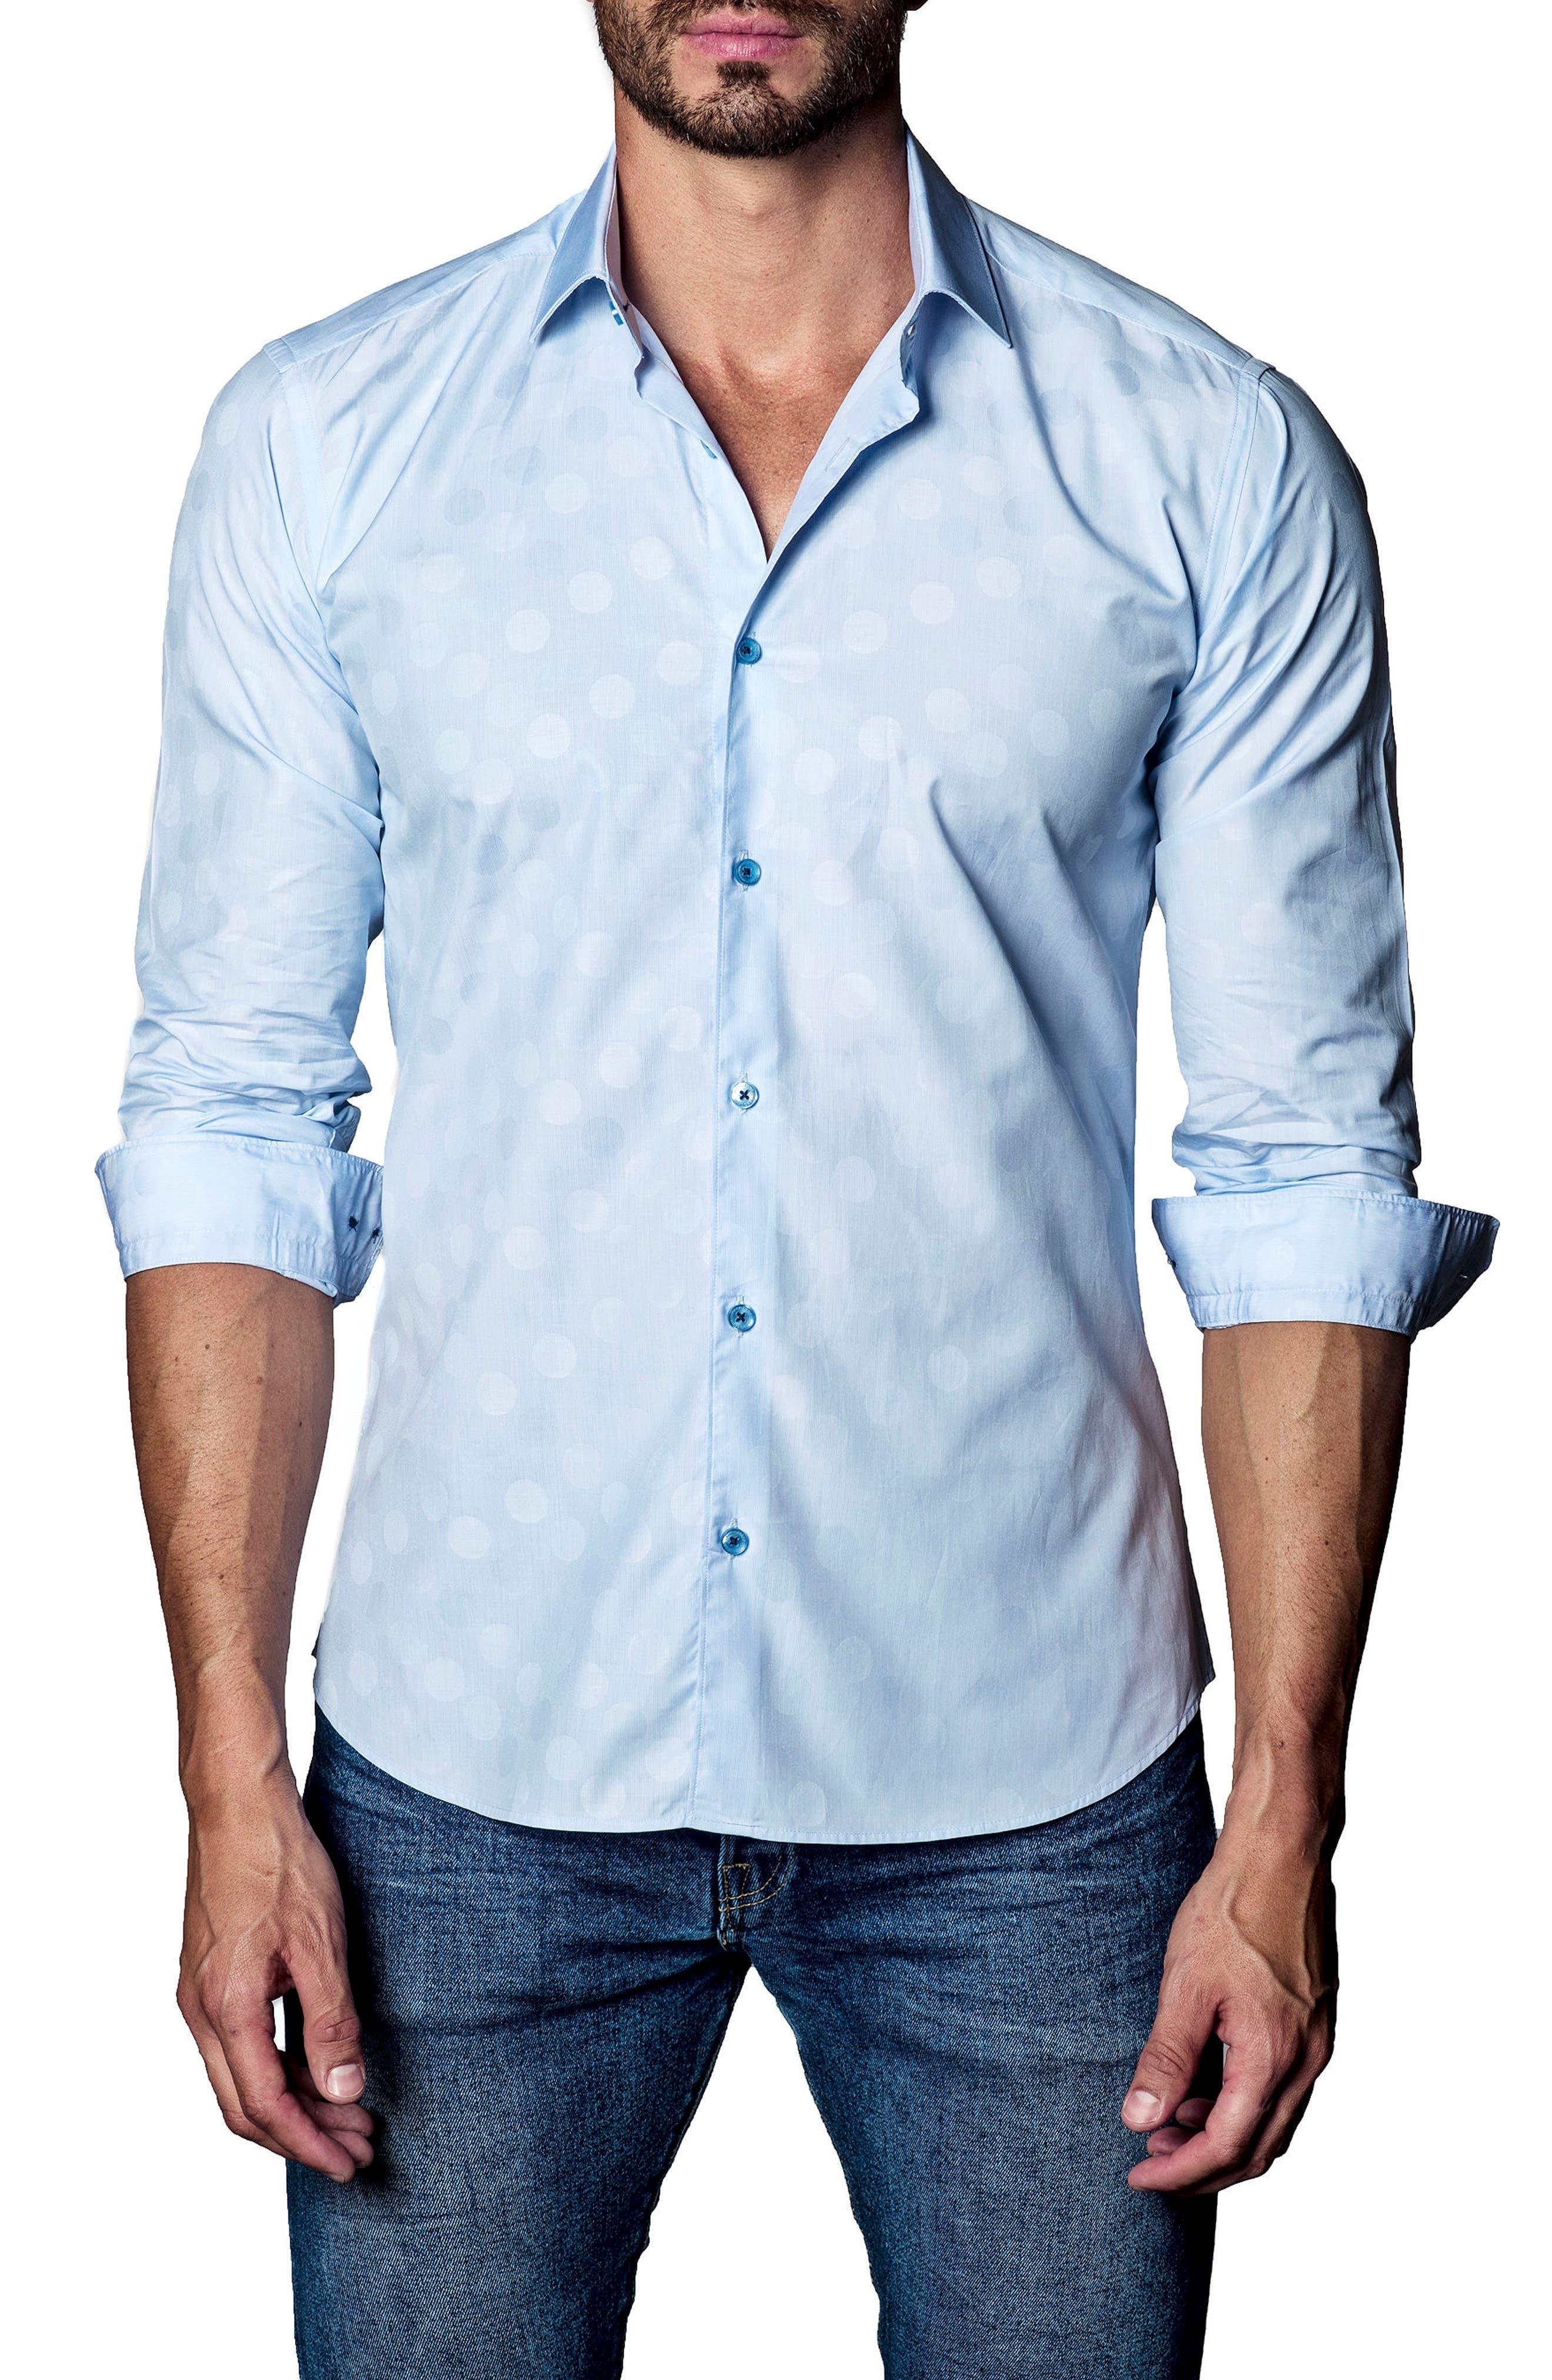 Dot Print Sport Shirt,                             Main thumbnail 1, color,                             Light Blue Polka Dot Jacquard